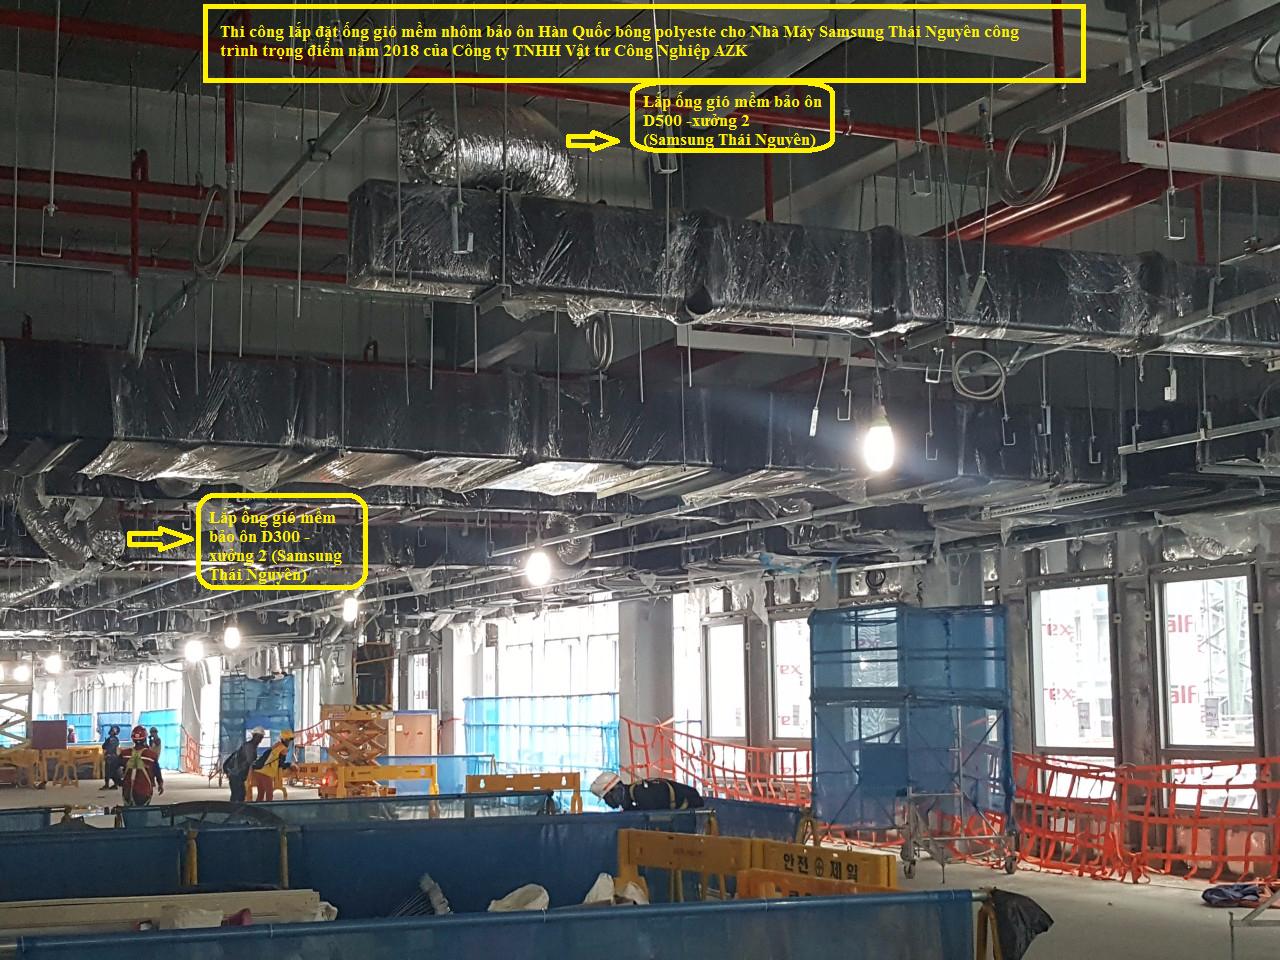 Thi công lắp đặt ống bảo ôn tại nhà máy samsung Thái Nguyên-xưởng